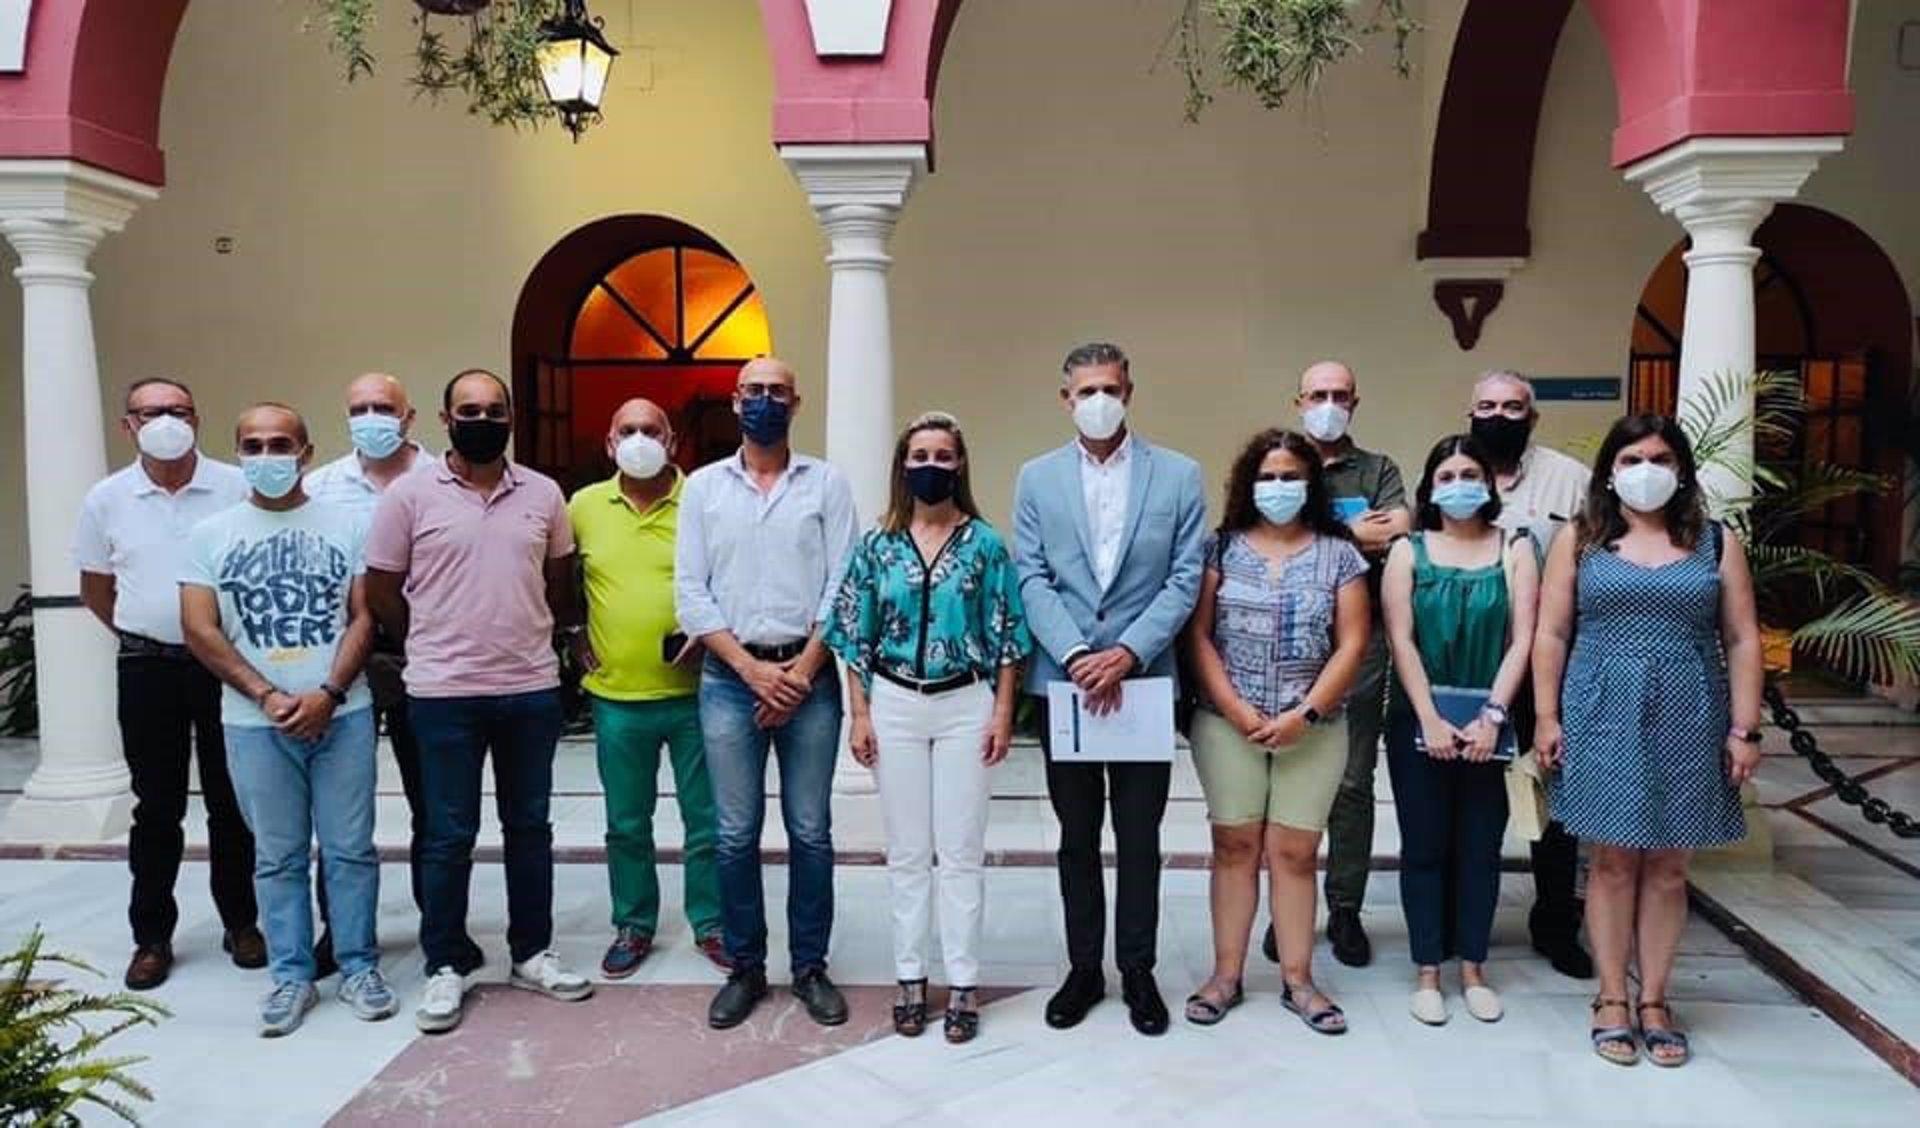 La estructura la conforman, además de presidencia y secretaría, un total de 13 consejeros entre expertos, asociaciones con actividad en el sector medioambiental y ciudadanos de Alcalá de Guadaíra.